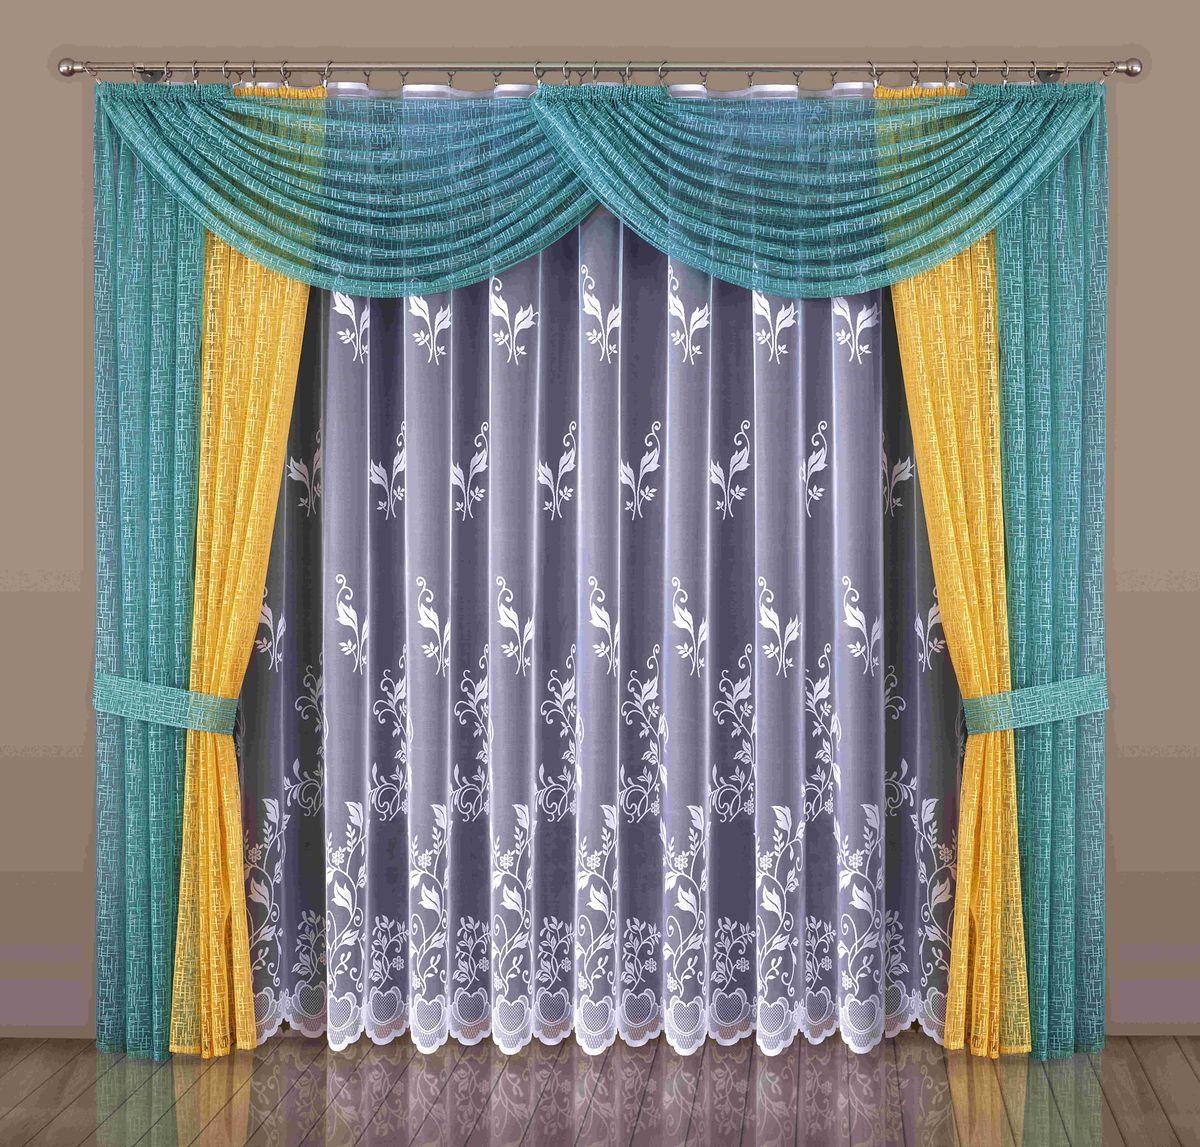 Комплект штор Wisan Maryla, на ленте, цвет: оранжевый, бирюзовый, высота 250 см комплект штор wisan lara на ленте цвет оранжевый белый высота 250 см